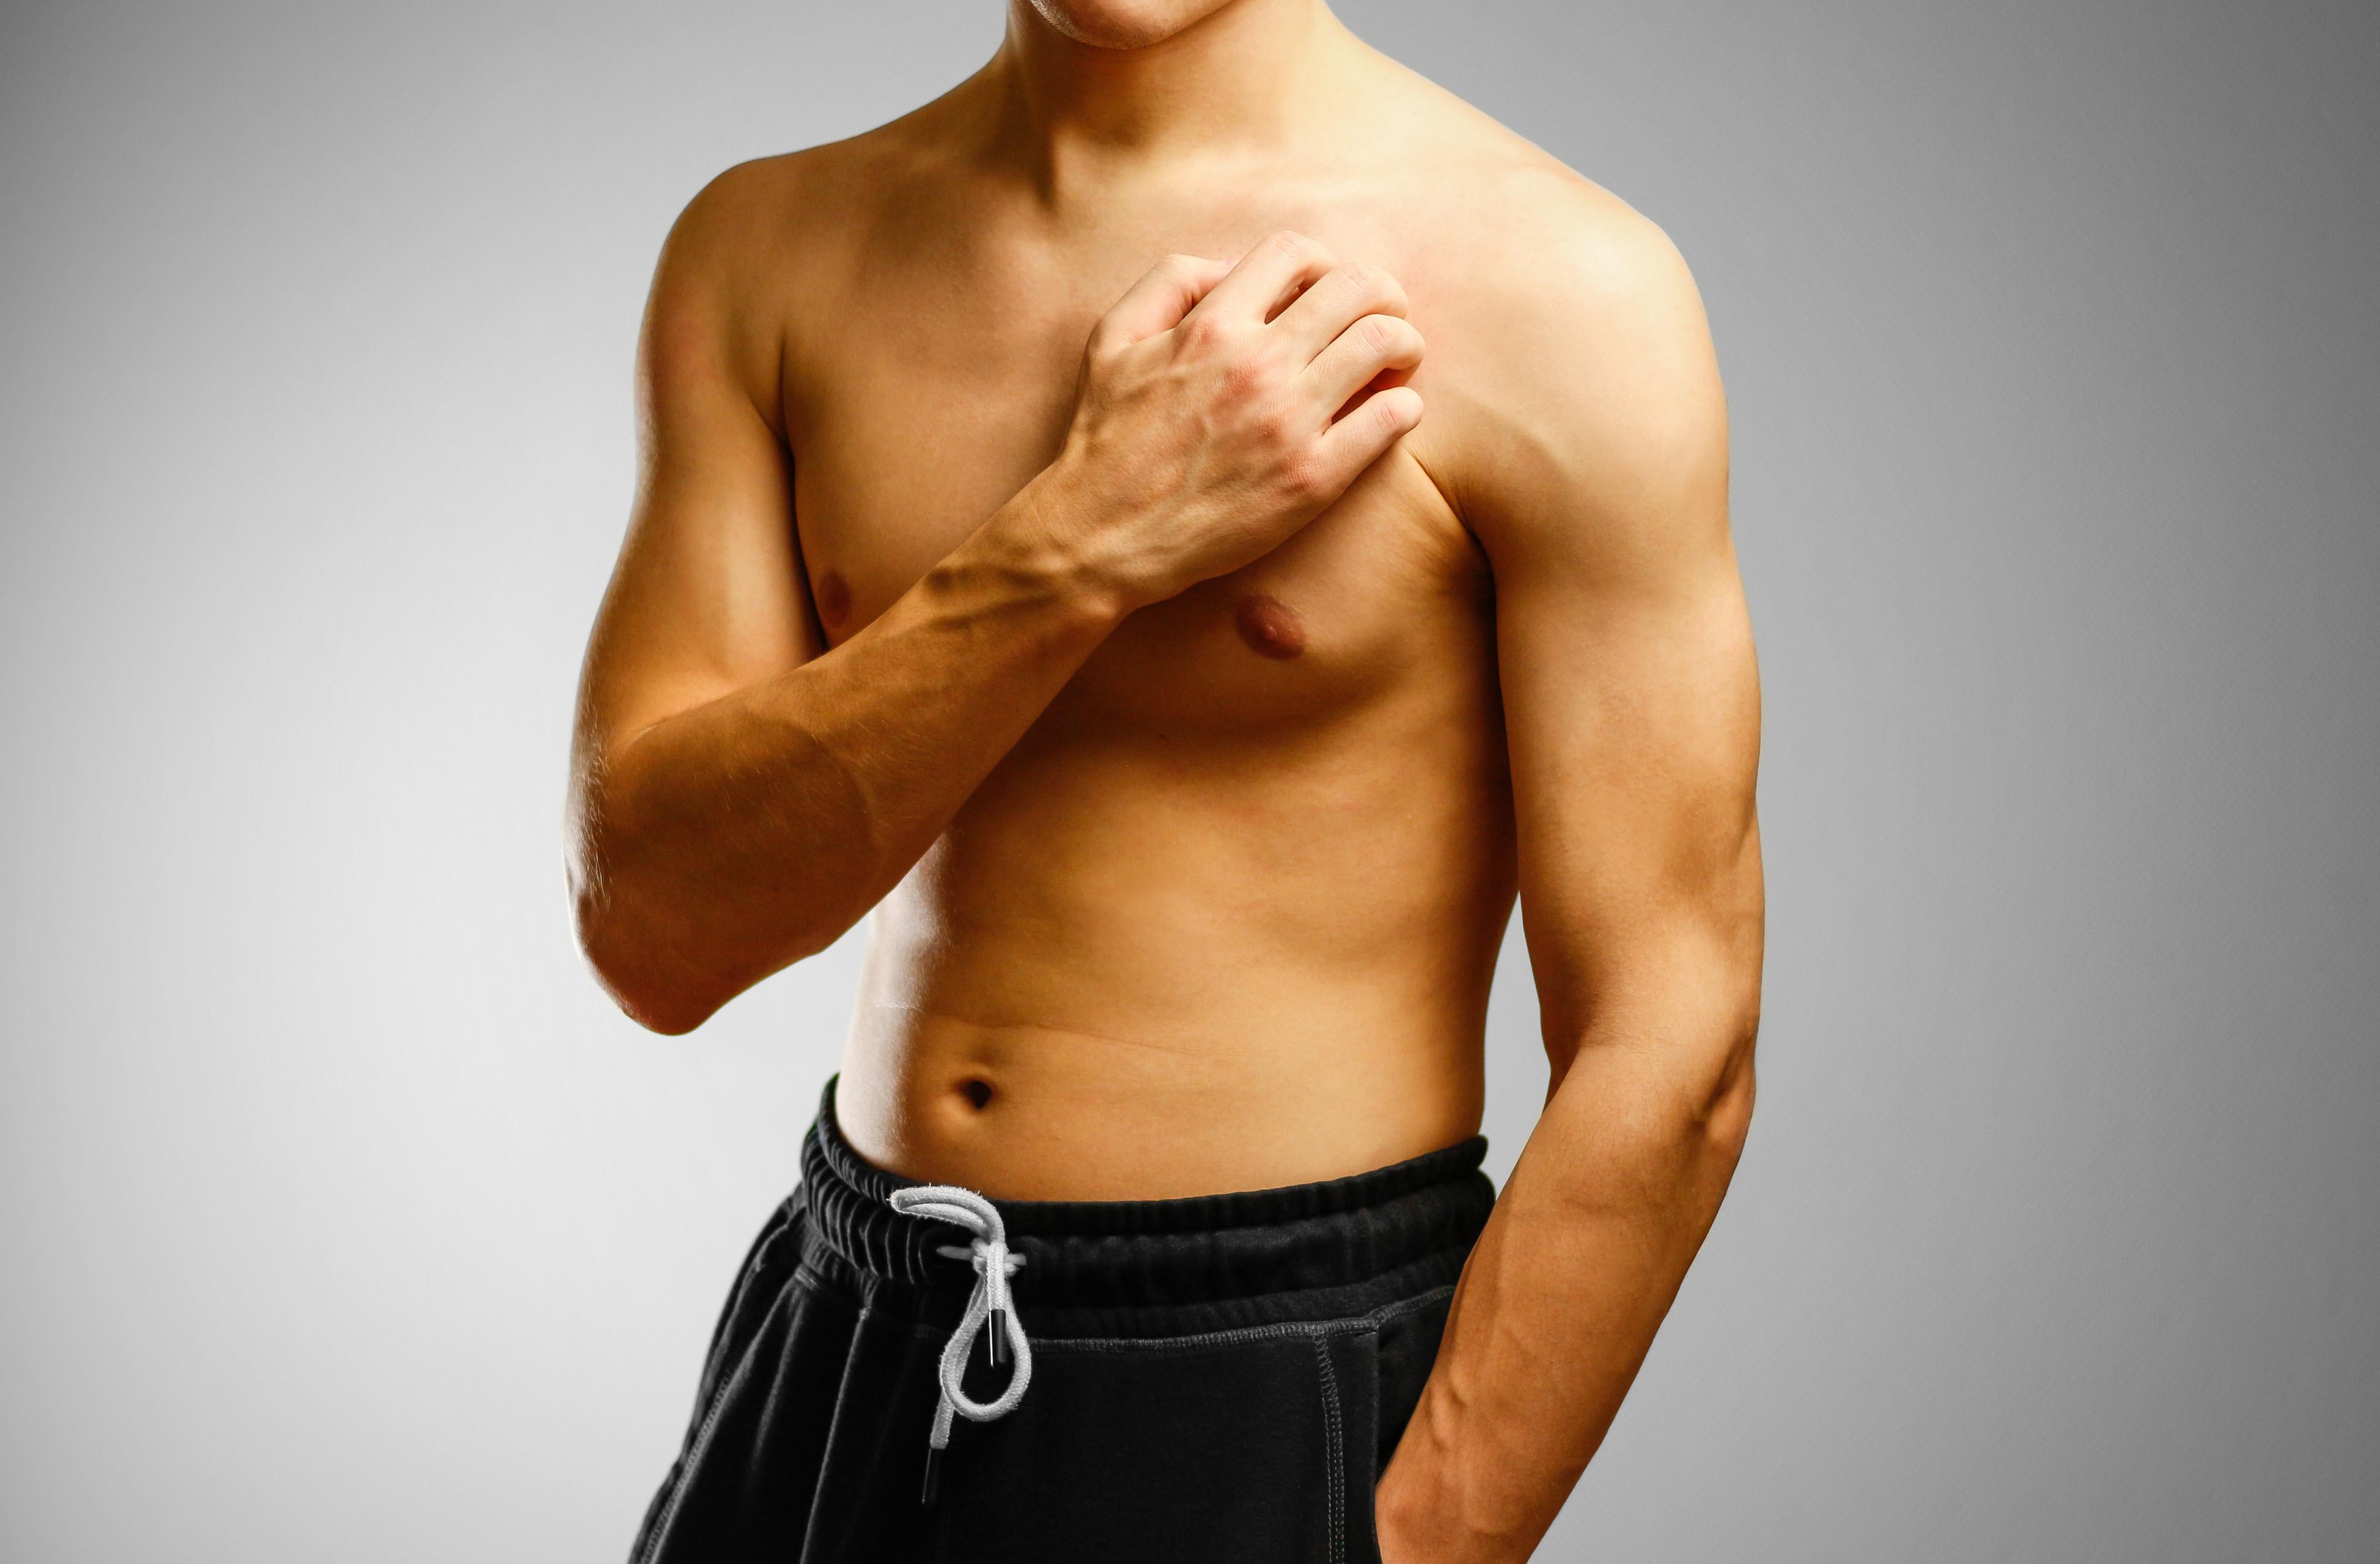 Apesar de raro, o cancro da mama também afeta homens. Conheça os sinais